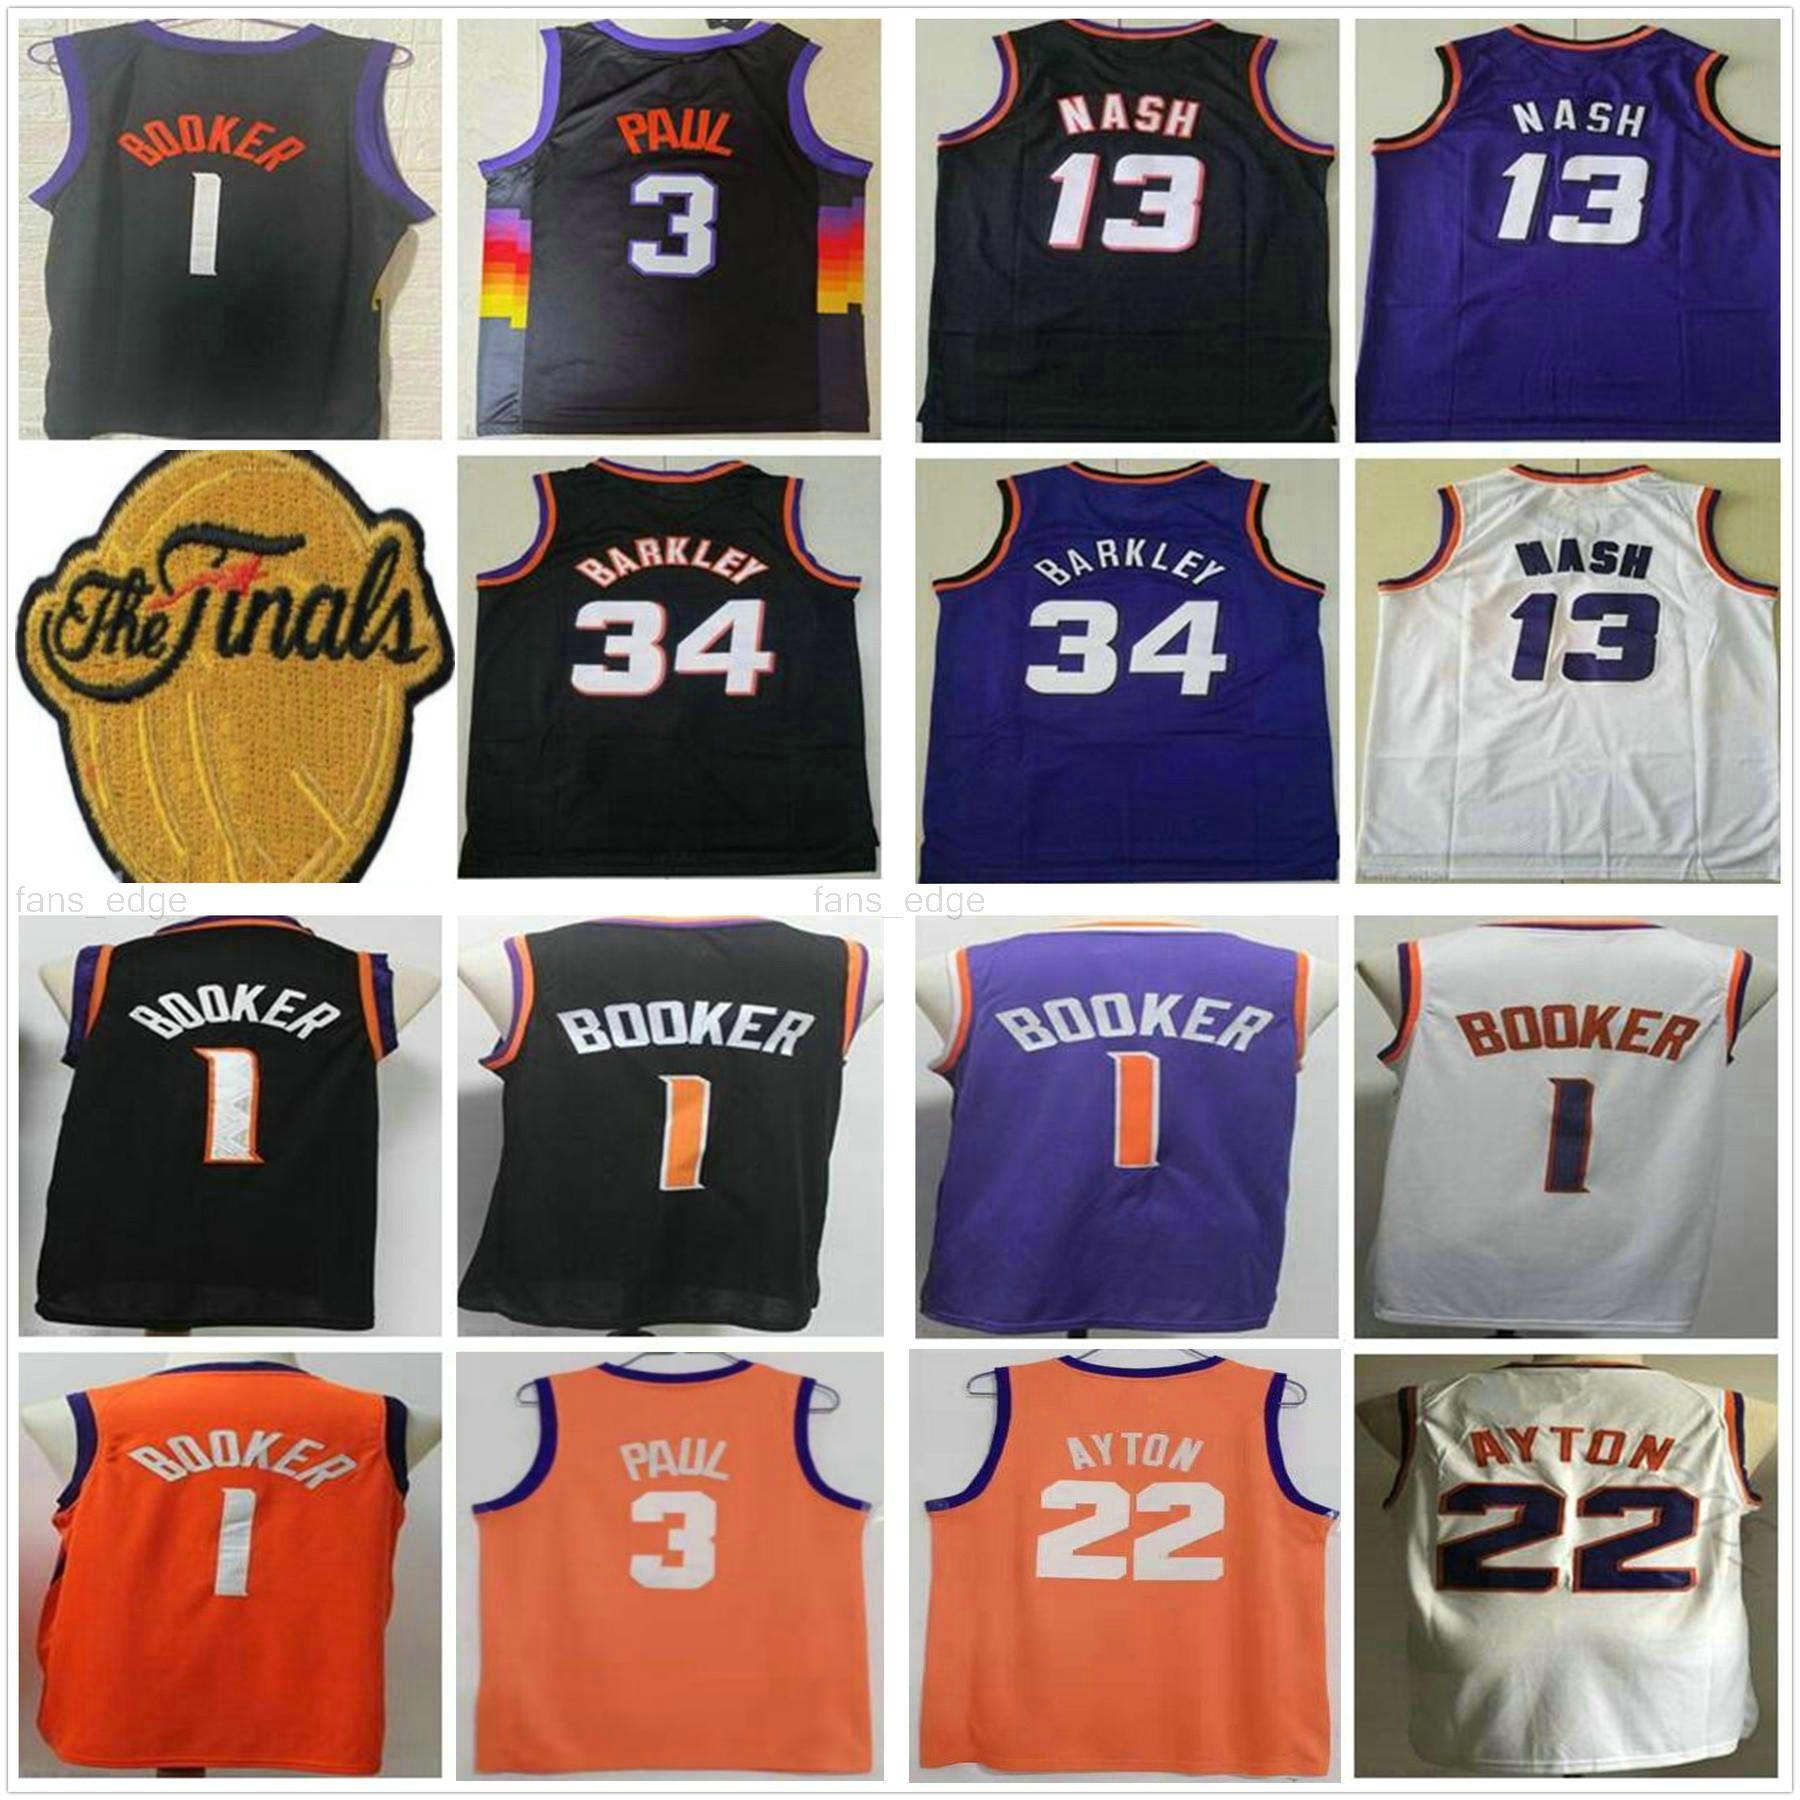 2021 Final Yama Güneşleri Devin 1 Booker Chris 3 Paul Basketbol Formaları Phoenix Deandre 22 Ayton Retro Charles 34 Barkley Steve 13 Nash Mor Siyah Beyaz Gömlek